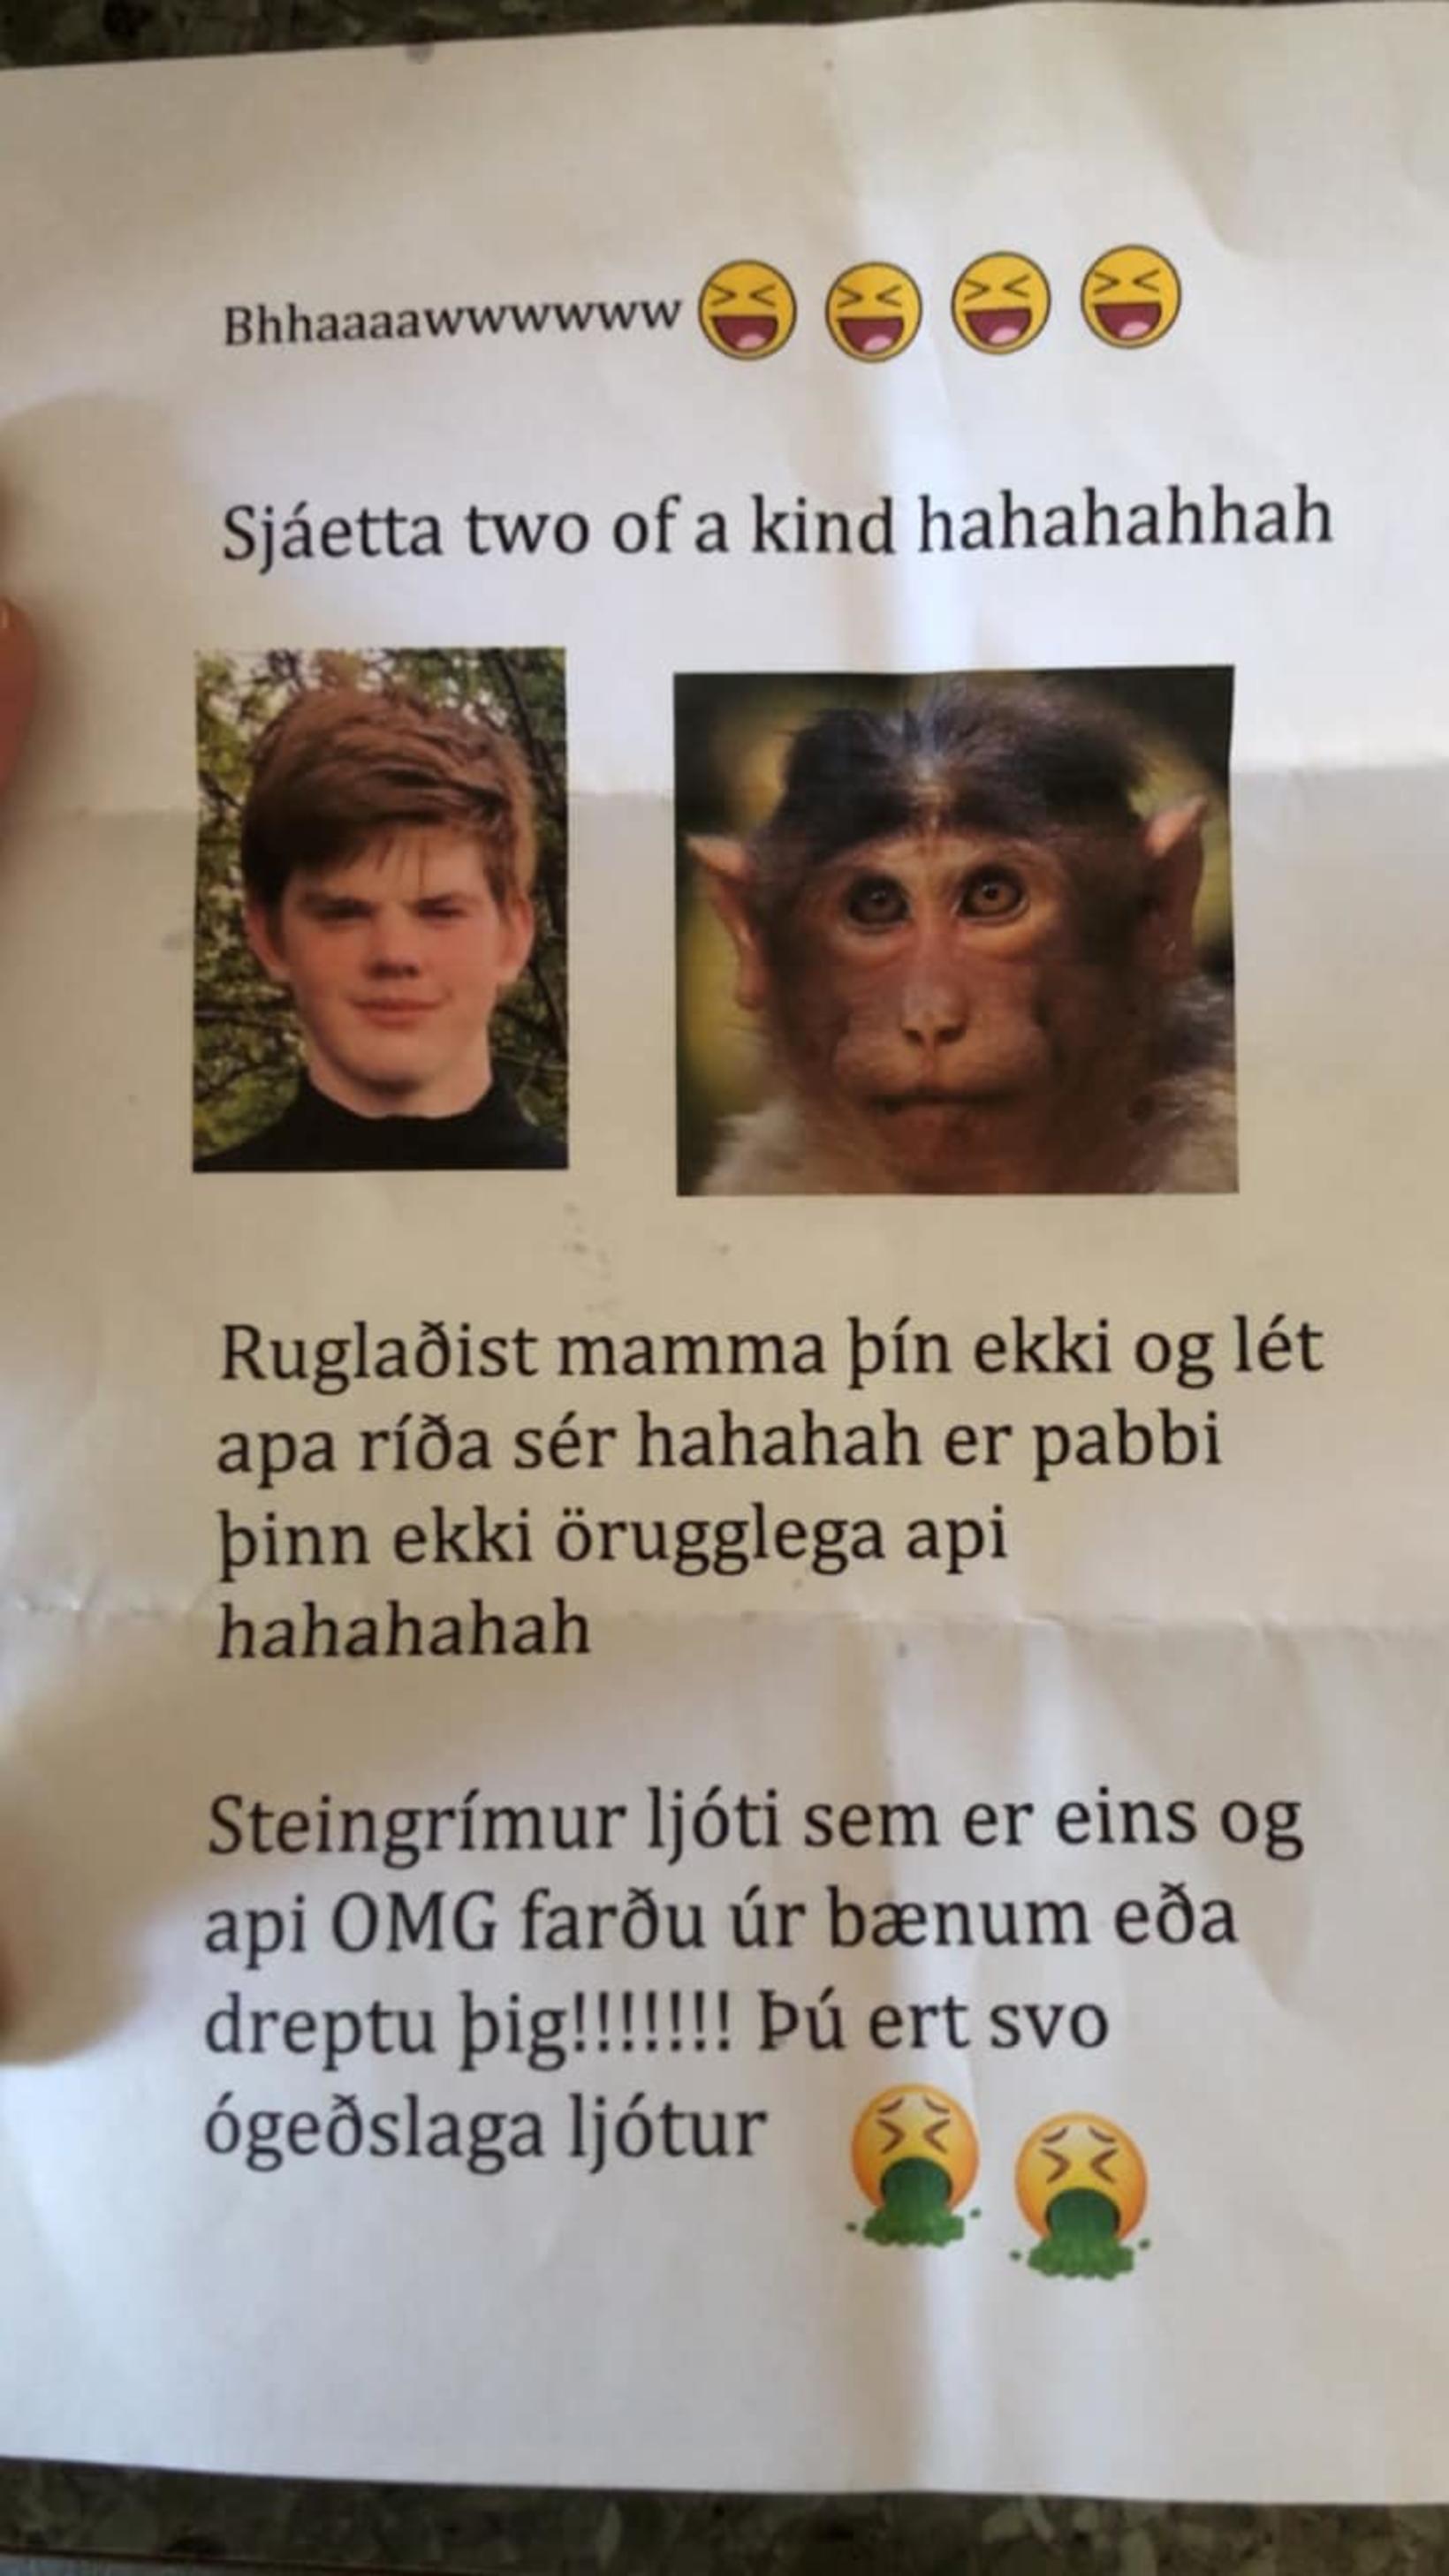 Bréfið var nafnlaust.